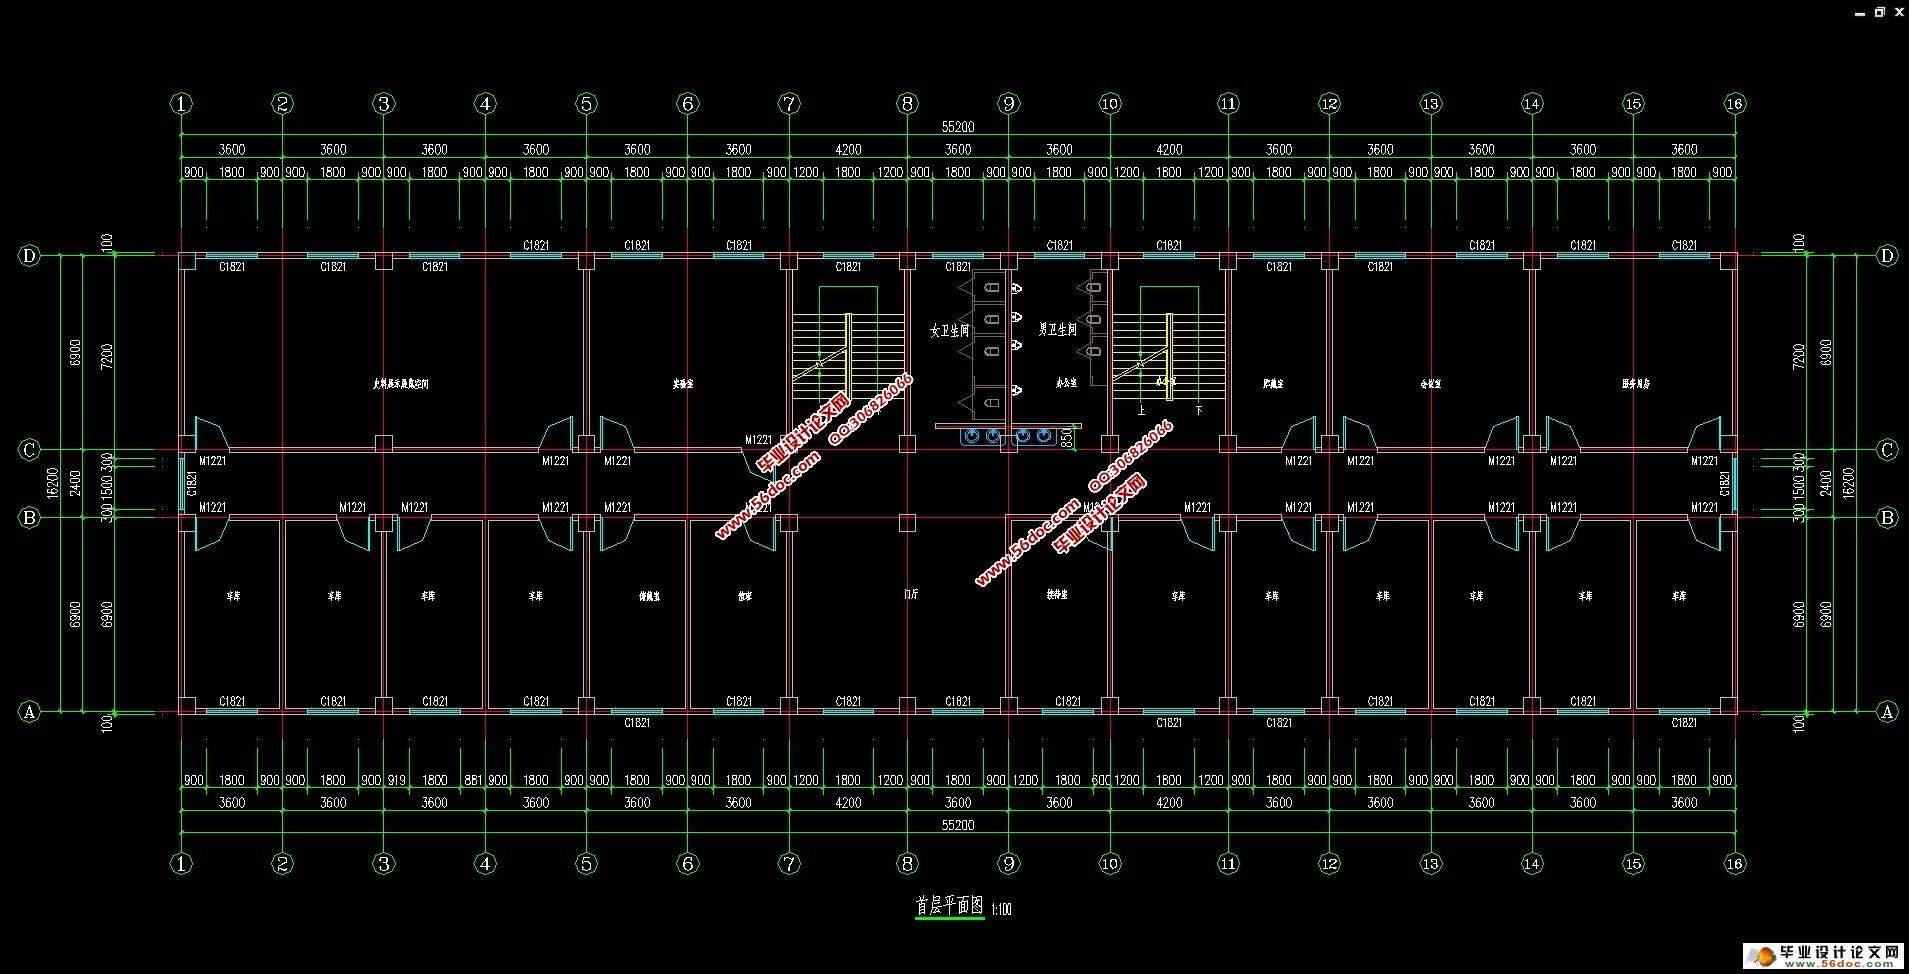 五层4500平米框架结构部队综合楼设计(建筑图,结构图,总平面图)(任务书,计算书26000字,建筑图9张,结构图8张) 1.1.1 工程概况 该工程主体为现浇钢筋混凝土框架结构,建筑面积4540.0,建筑物共5层,底层层高3.6m,标准层层高3.60m,顶层层高3.60m,总高度18m,室内外高差0.450m 该综合楼拥有训练室、车库、教室、宿舍等。楼内设有2个楼梯,楼梯的布置均符合消防、抗震的要求。 1.